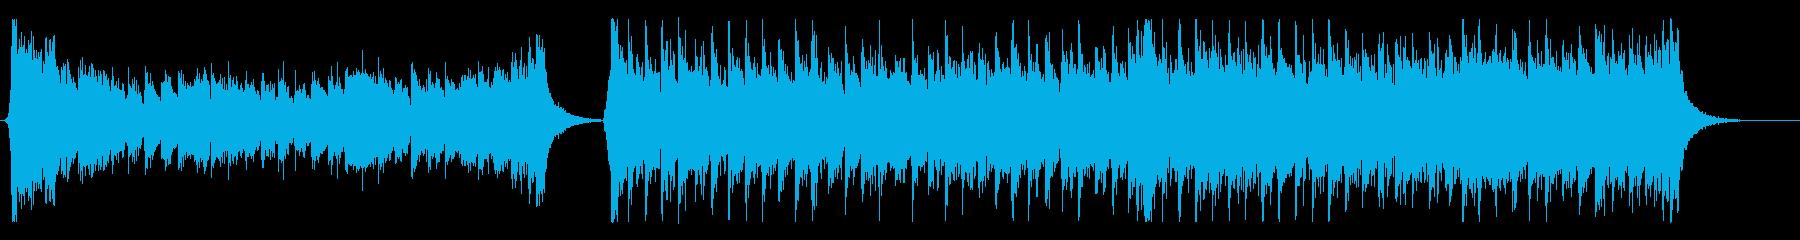 力強く勇気付ける壮大なシネマティック曲の再生済みの波形